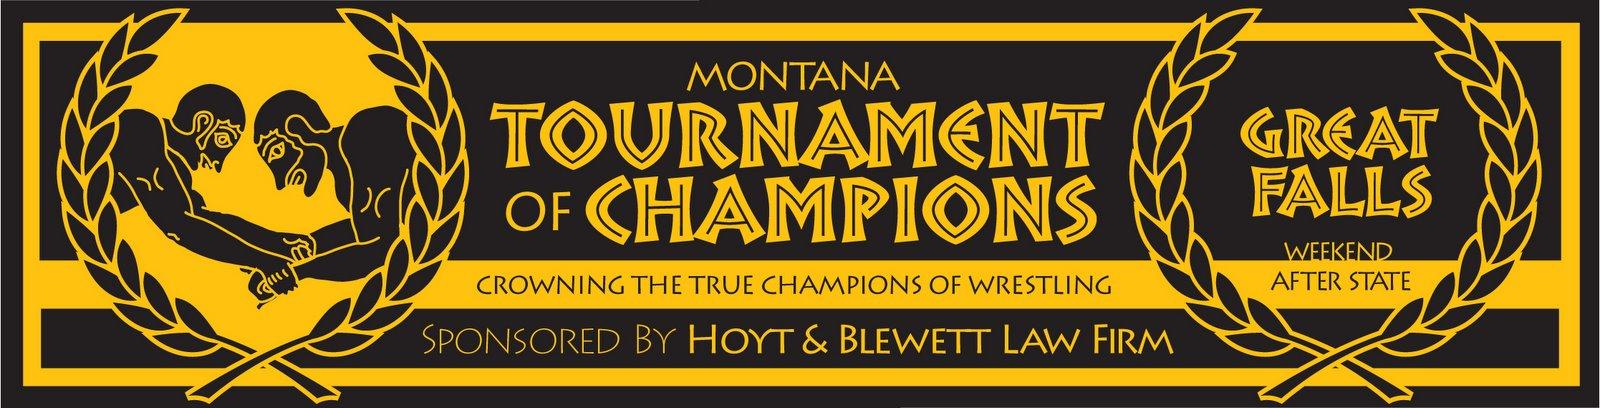 Montana Wrestling